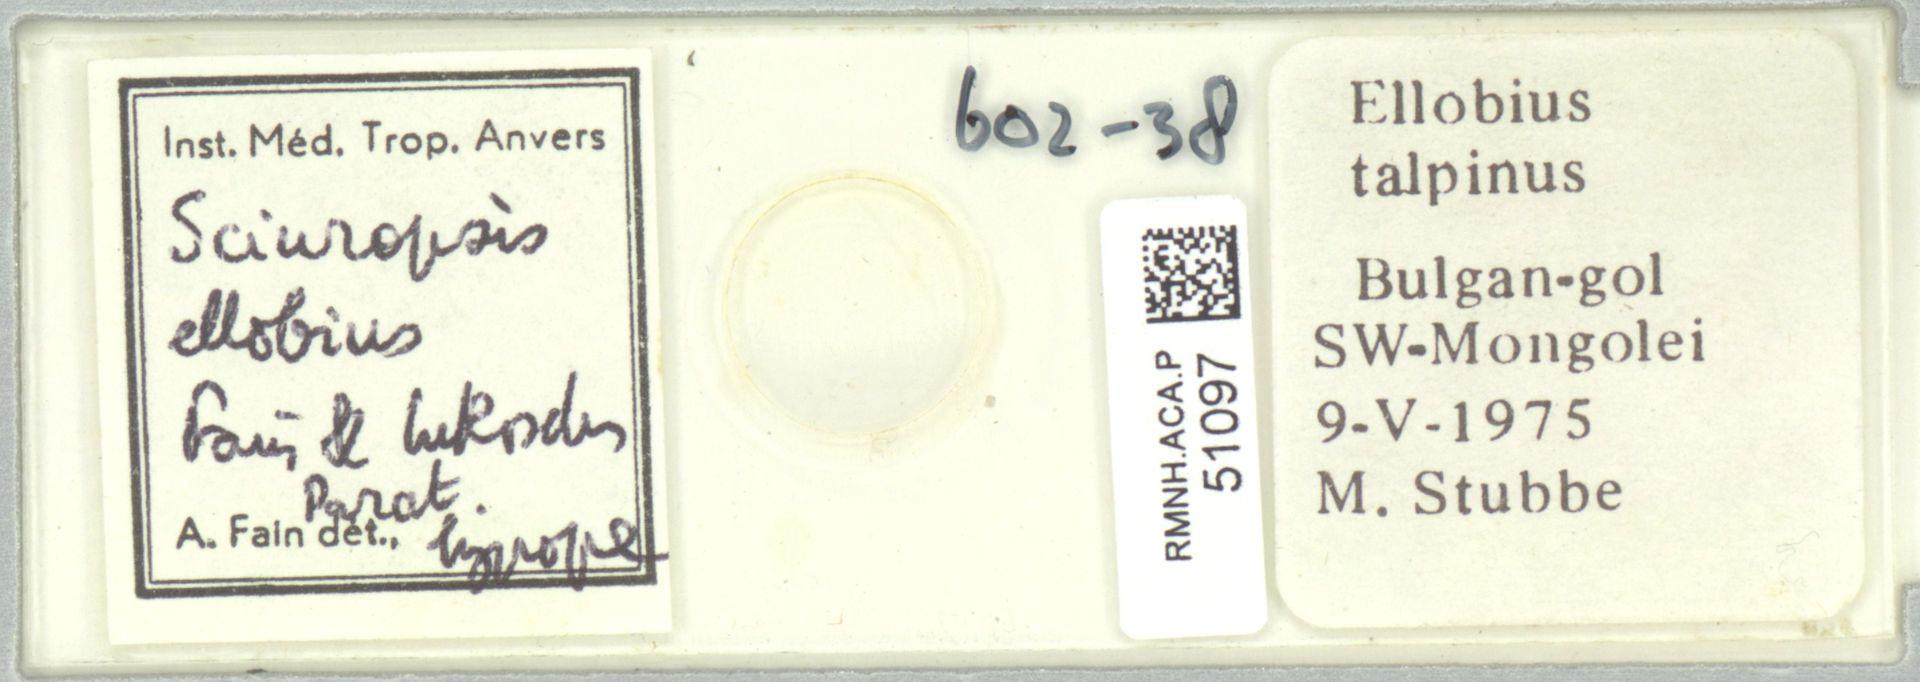 RMNH.ACA.P.51097 | Sciuropsis ellobius Fain & Lukoschus